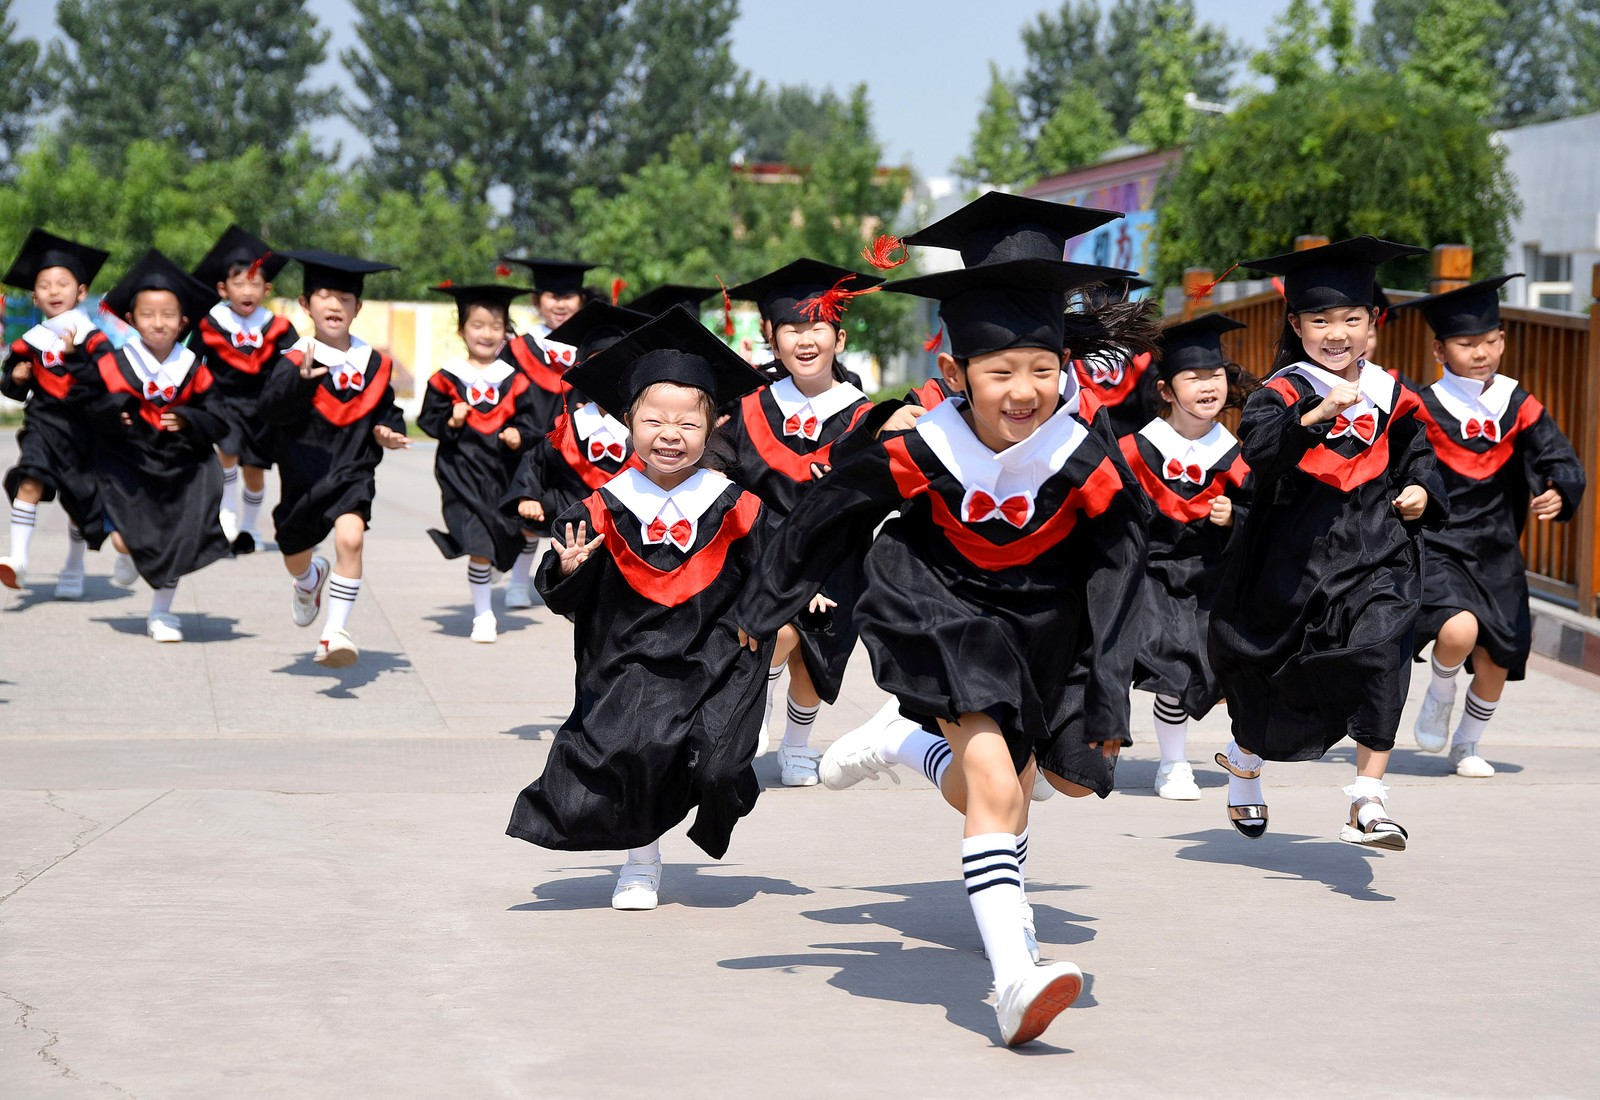 Endelig sommerferie. Disse barna har nettopp avsluttet en avgangsseremoni i Handan i Kina.